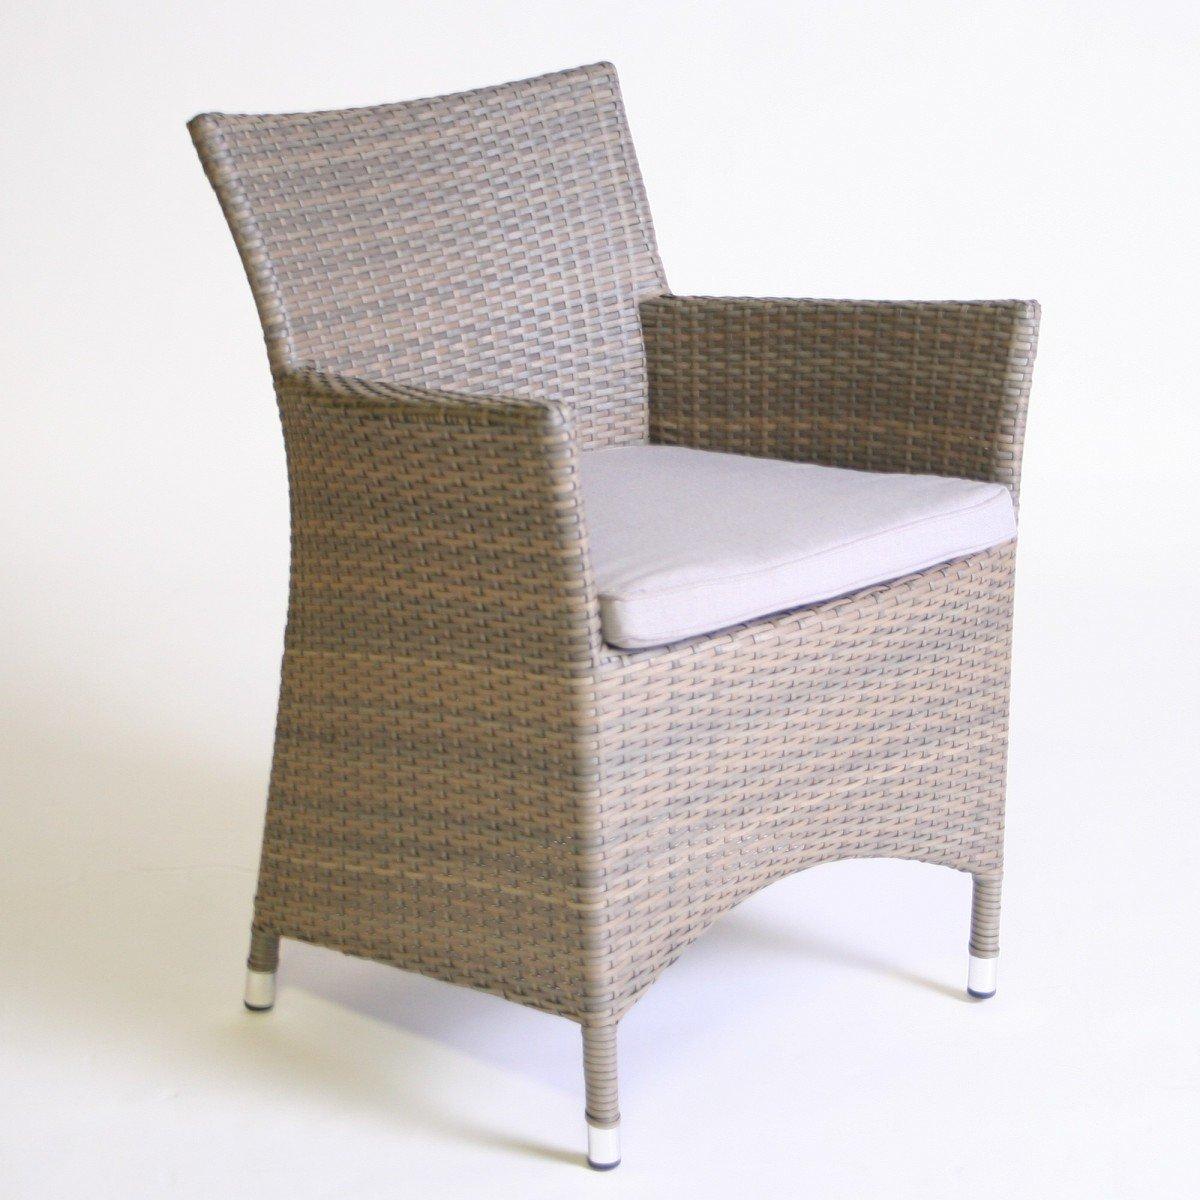 Dreams4Home Gartensessel Rattan 'Dafne' braun beige Gartenstuhl Stuhl inkl. Polster , Farbe:Beige online kaufen